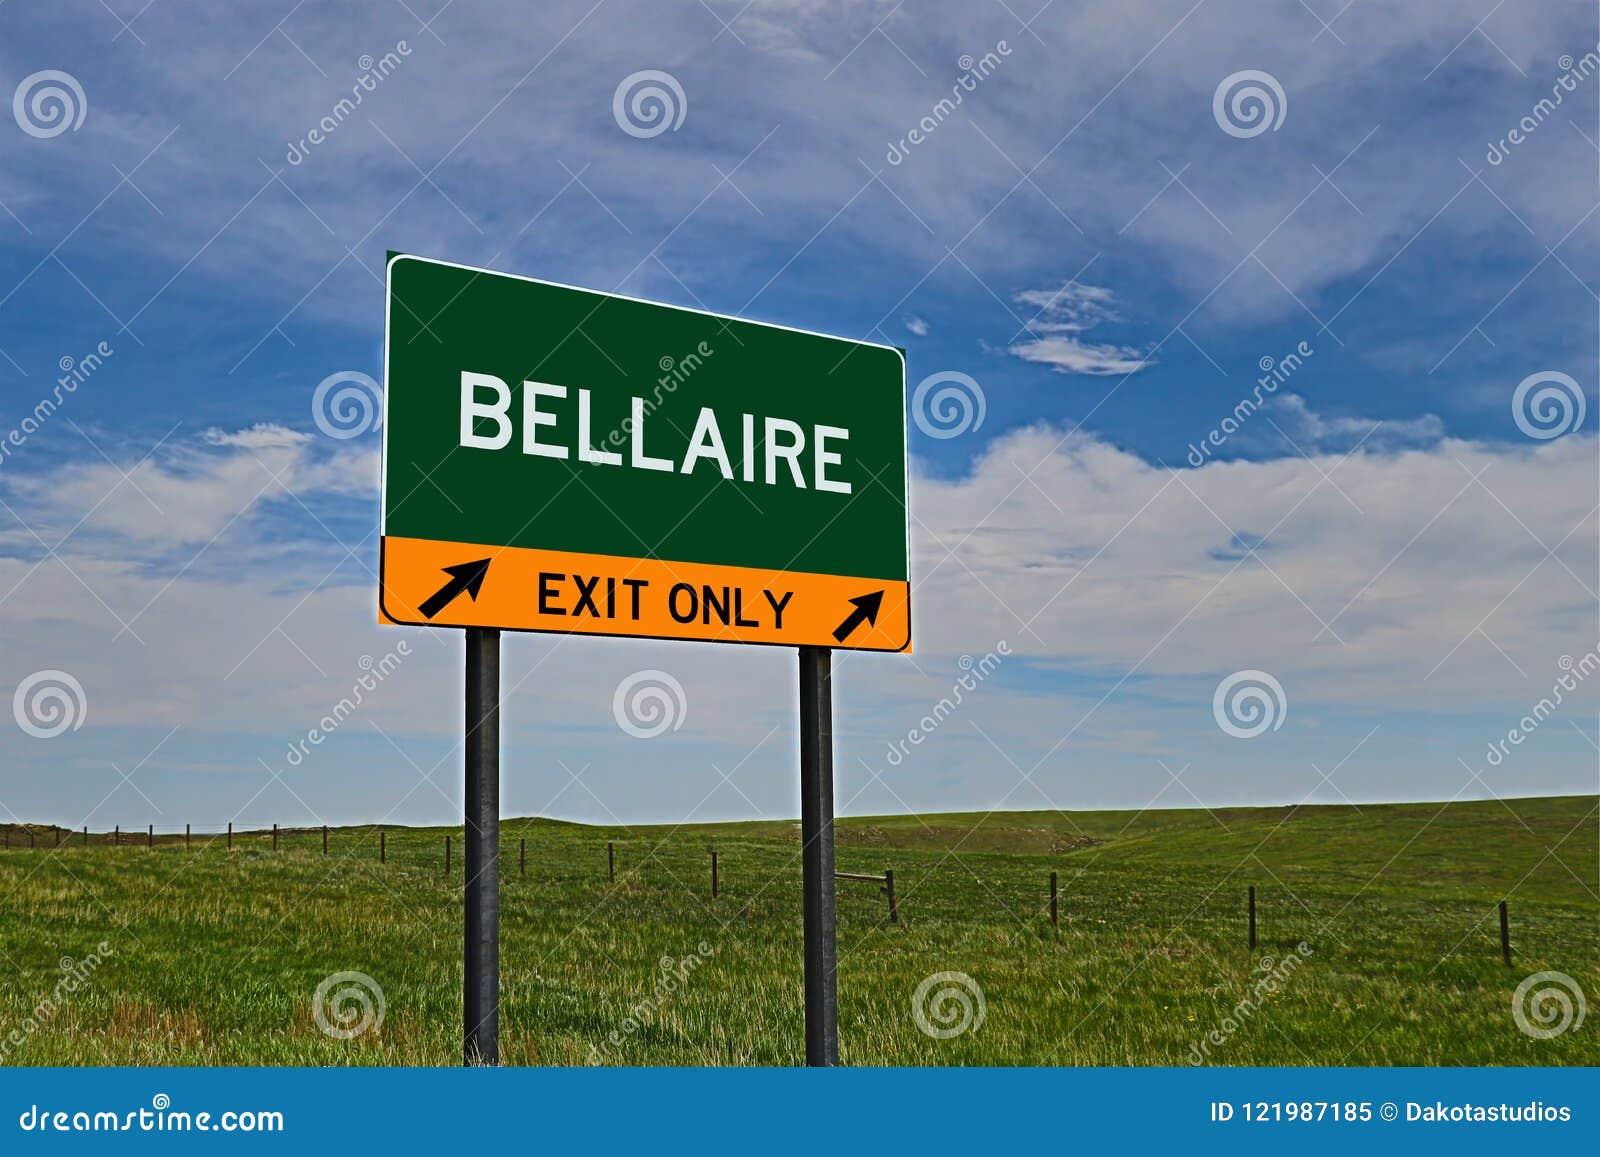 US-Landstraßen-Ausgangs-Zeichen für Bellaire